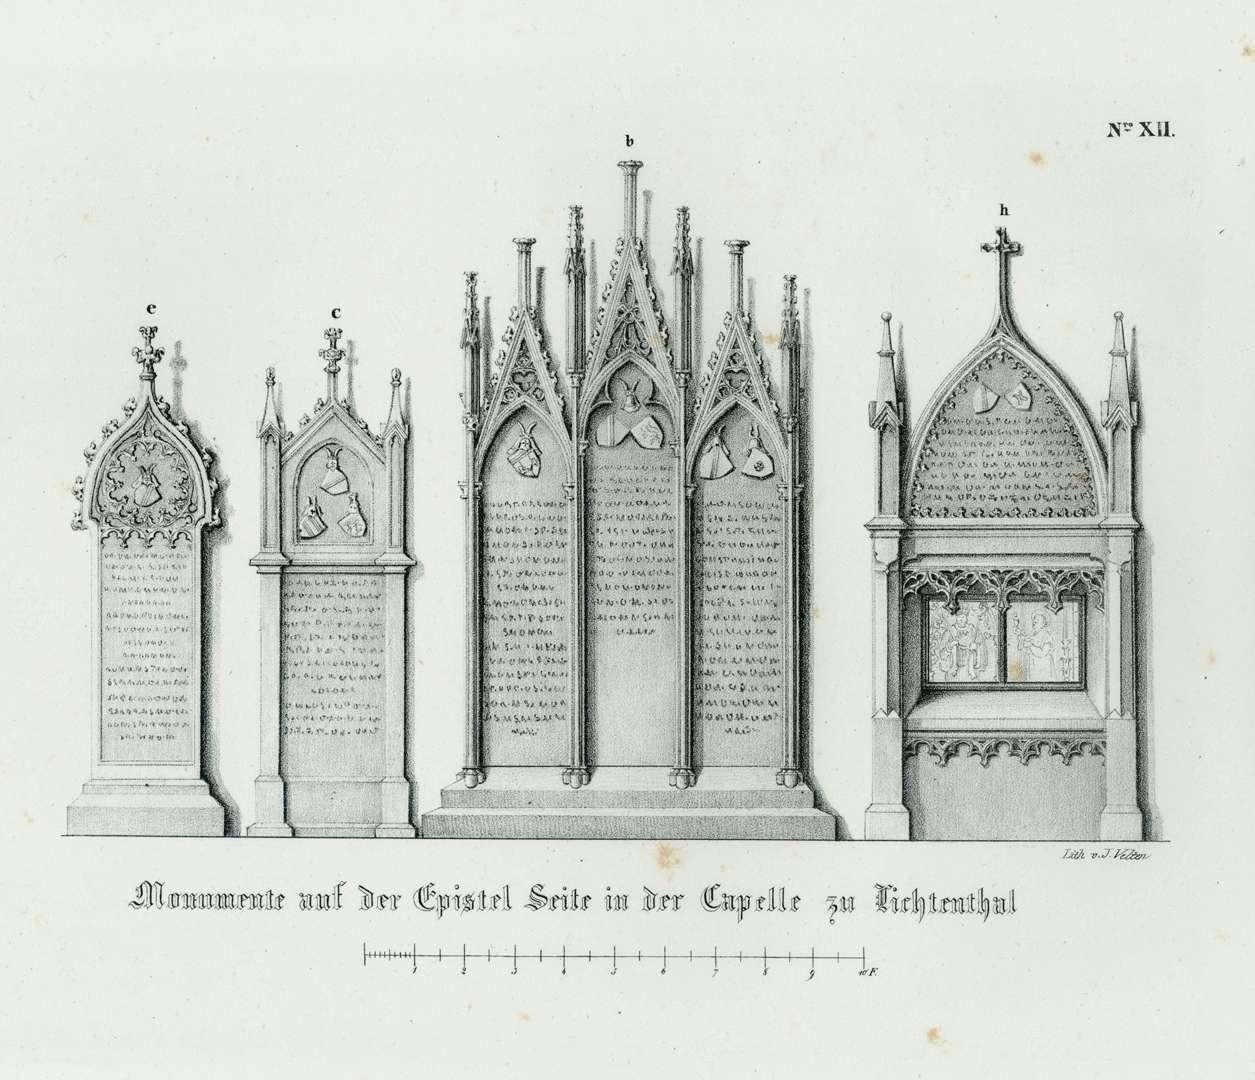 Monumente auf der Epistel Seite in der Capelle zu Lichtenthal, Bild 1